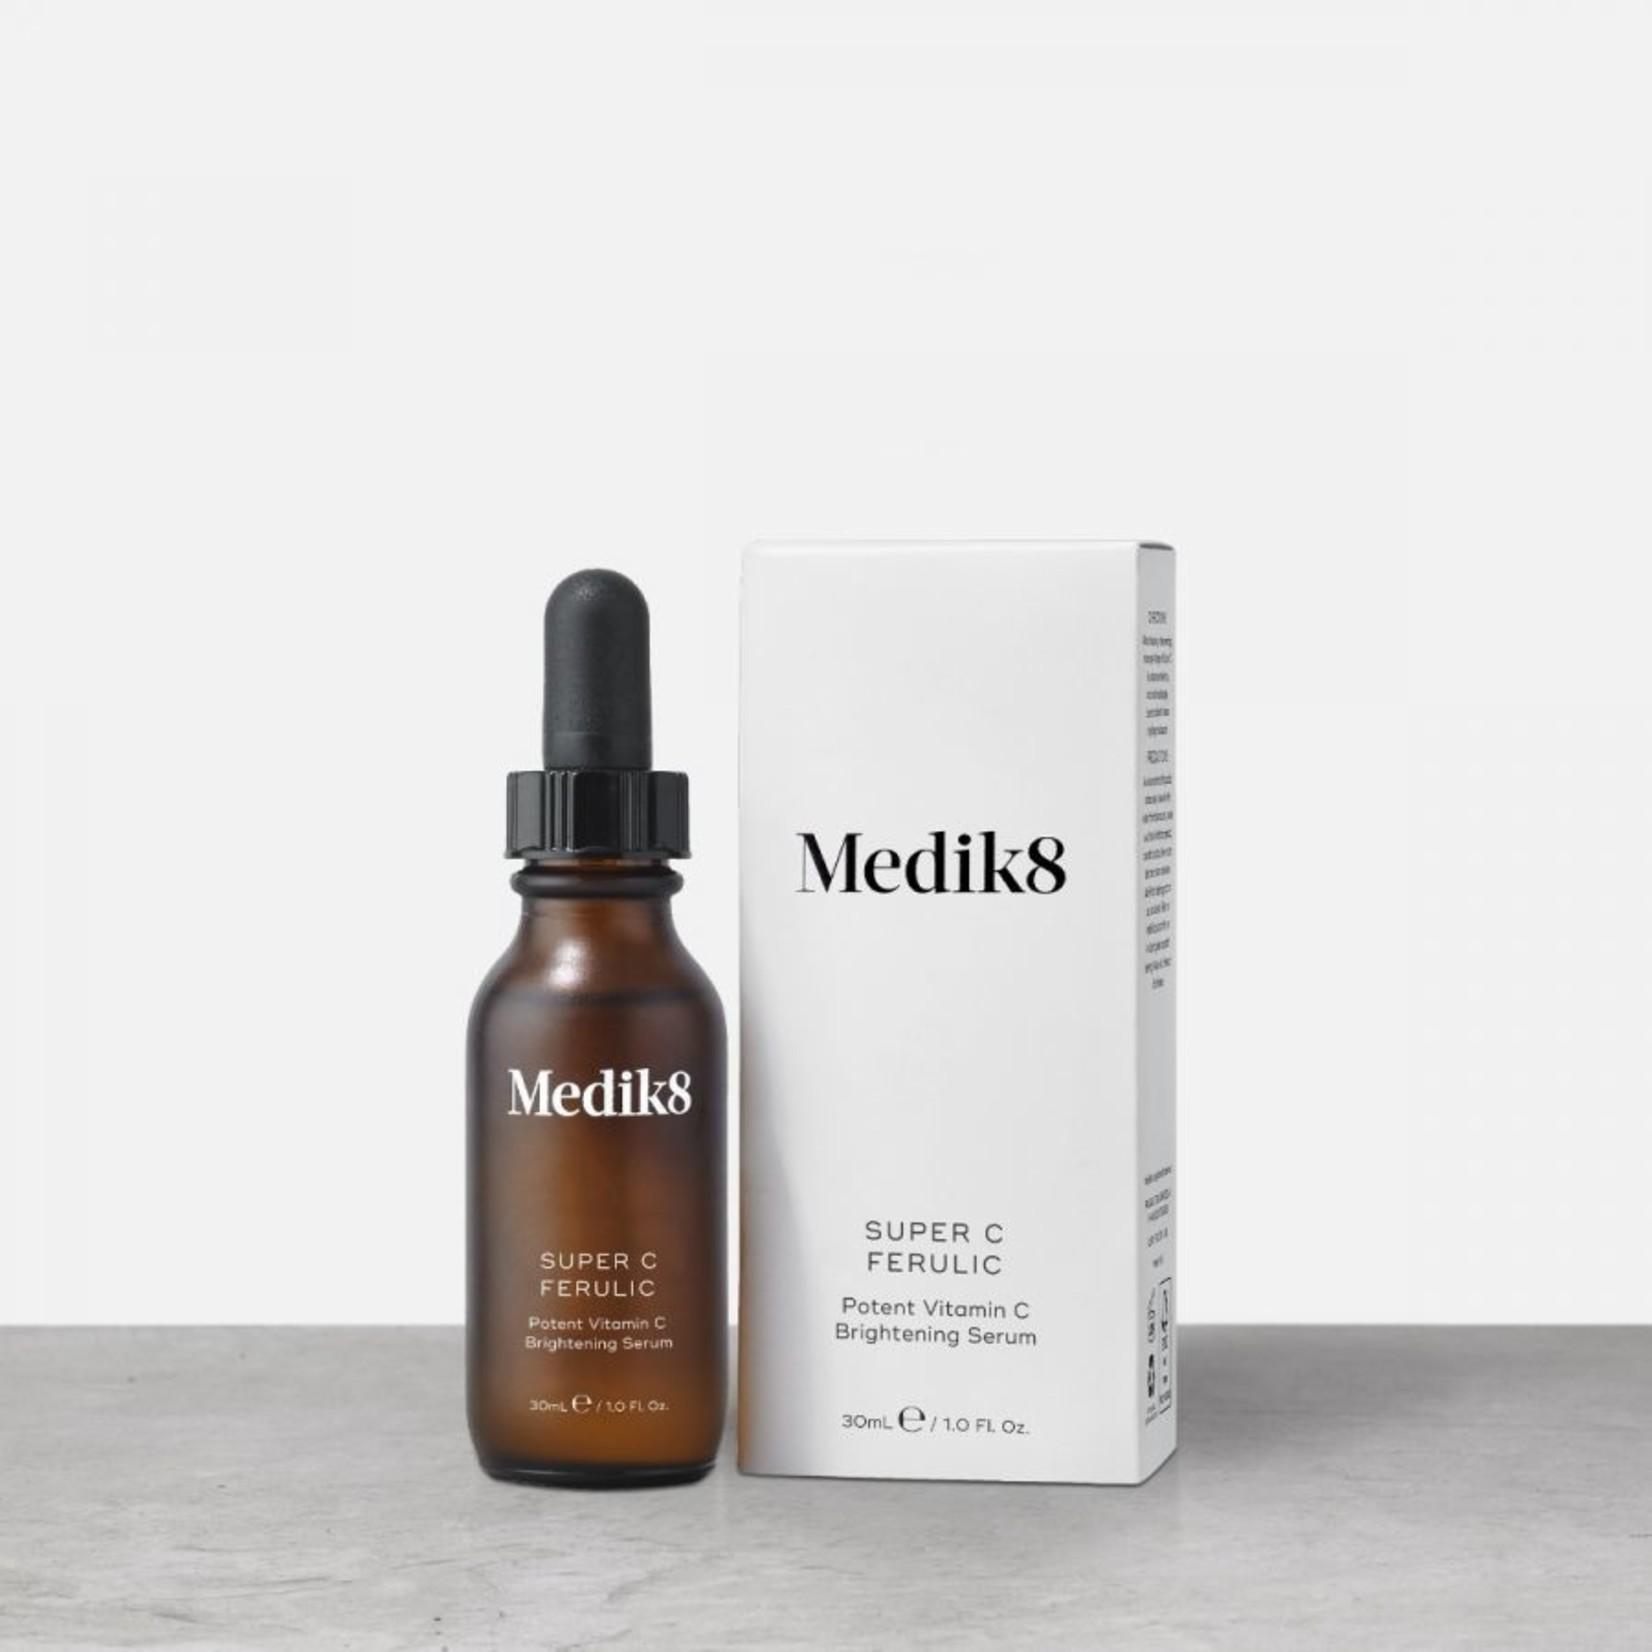 Medik8 Super C Ferulic Potent Vit C Brightening Serum